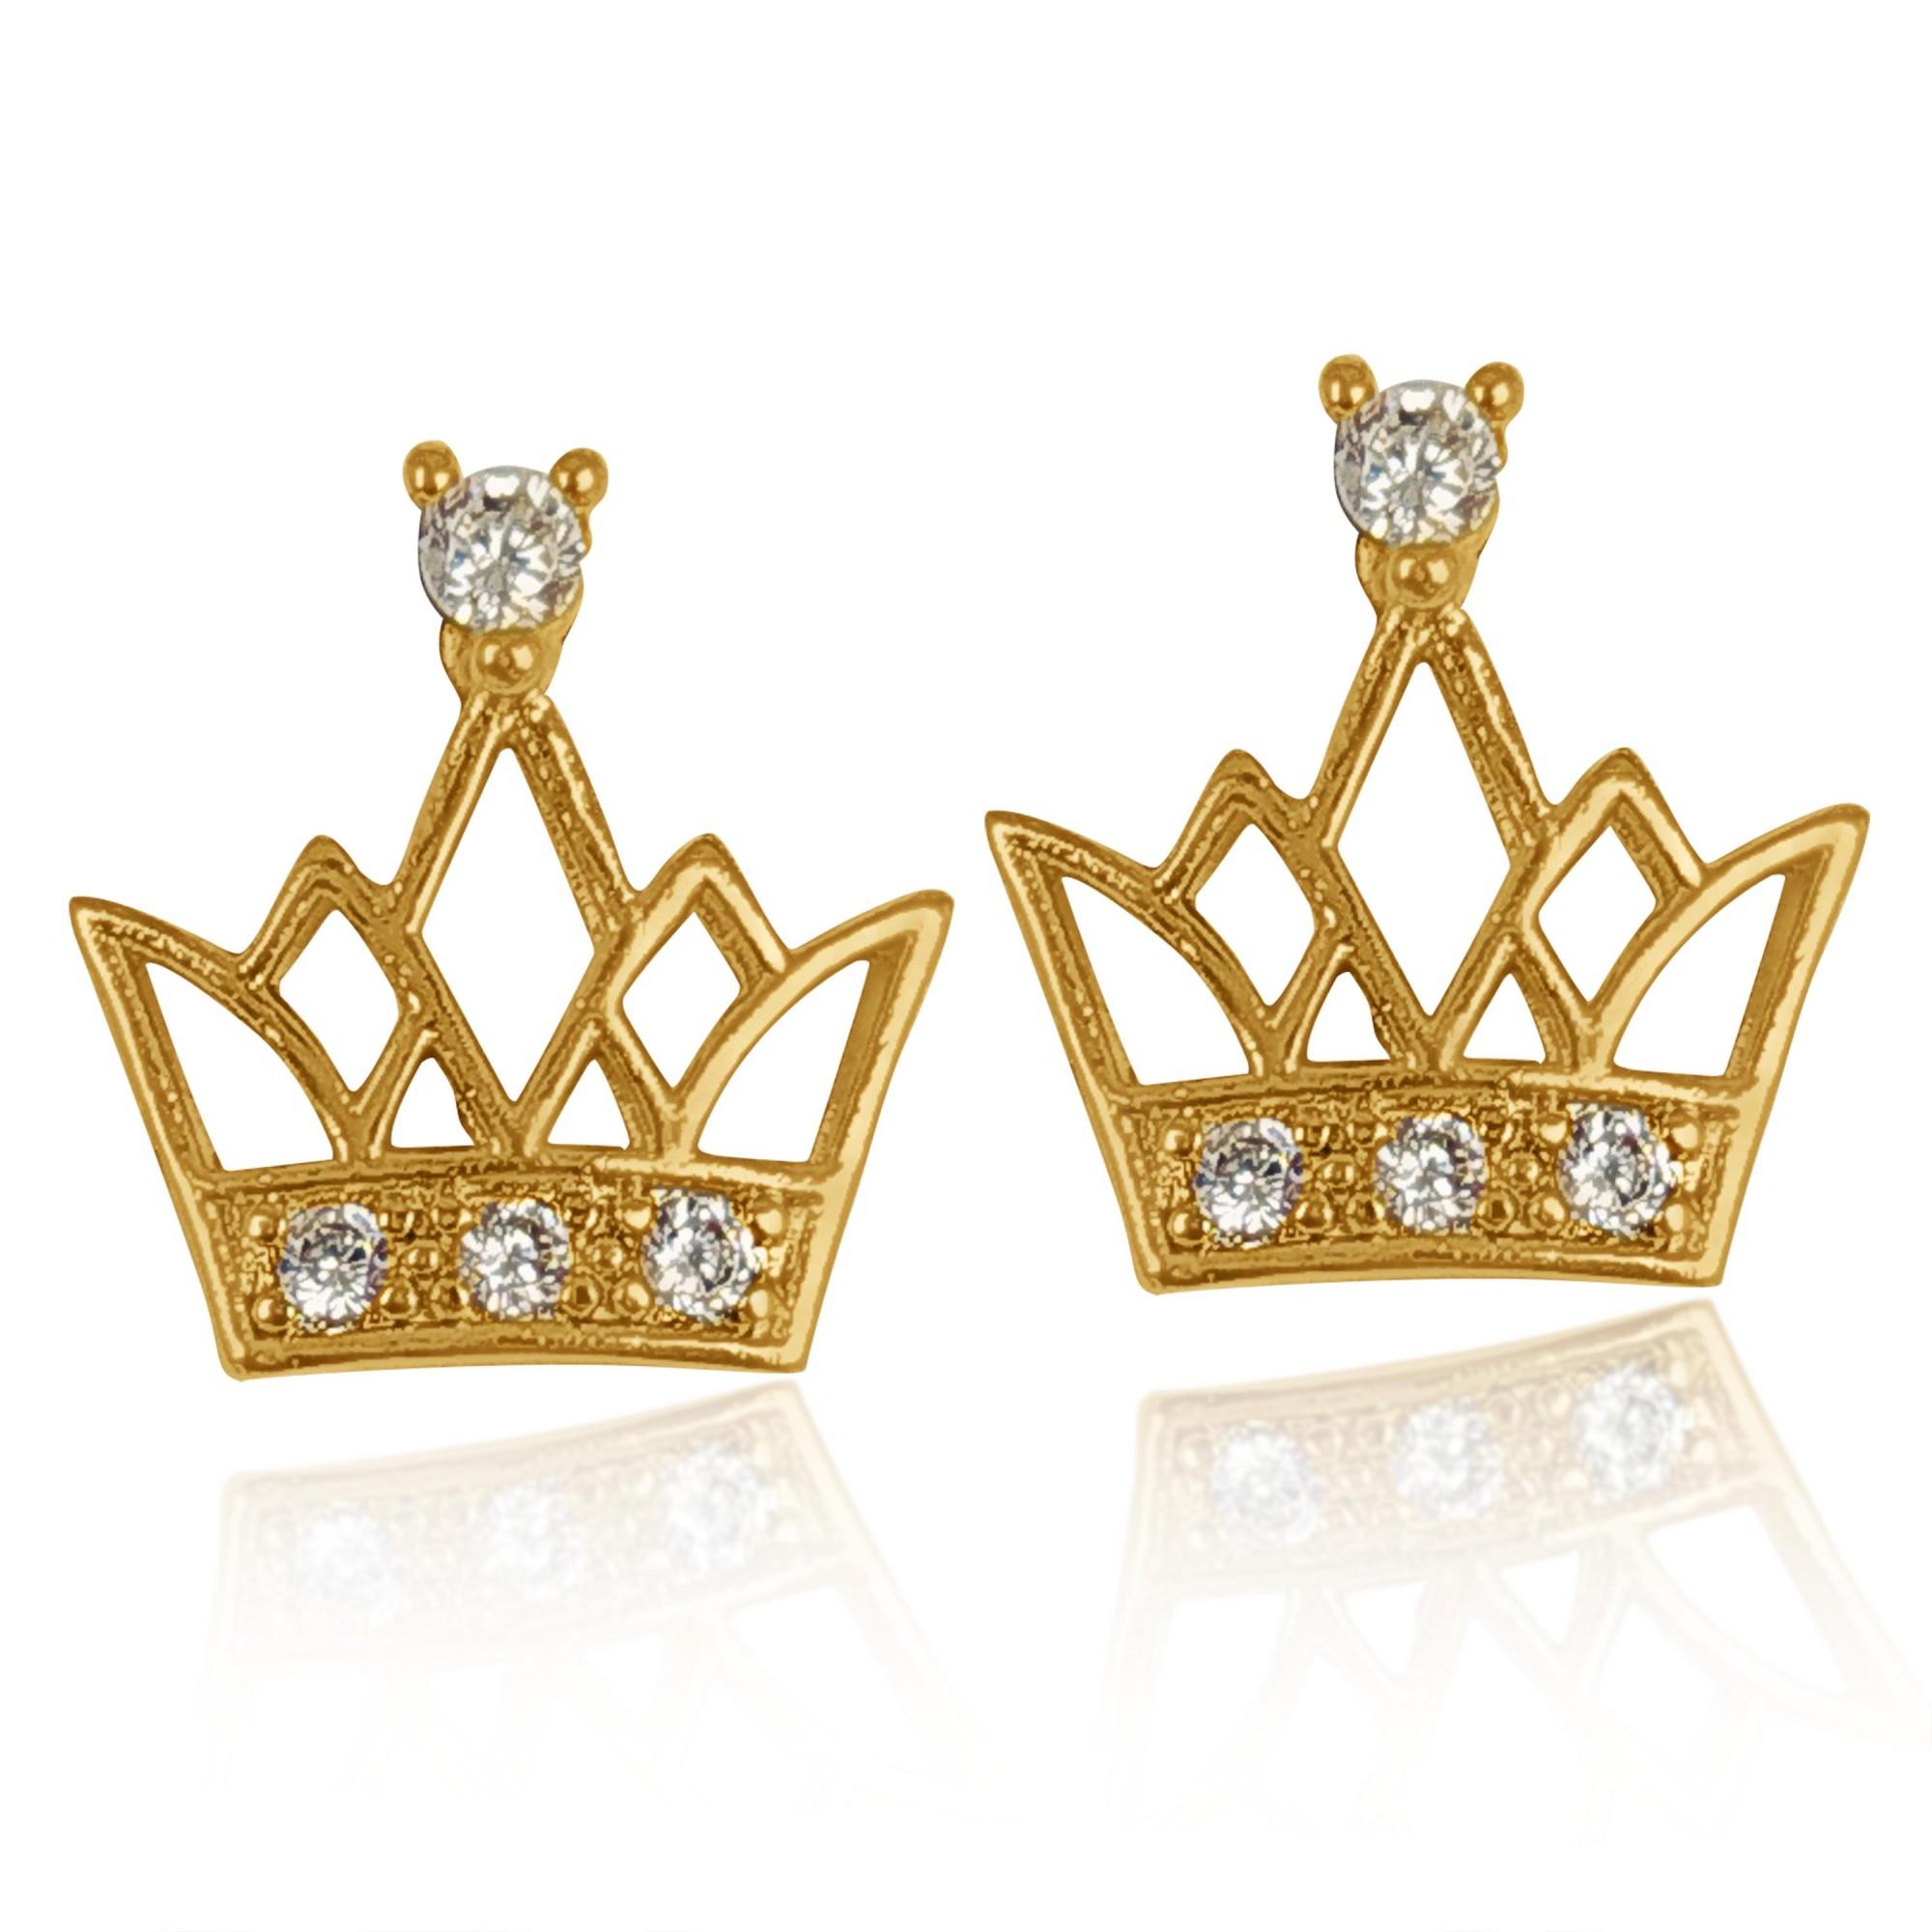 Brinco Pequeno Coroas de Zircônia Folheado a Ouro 18k